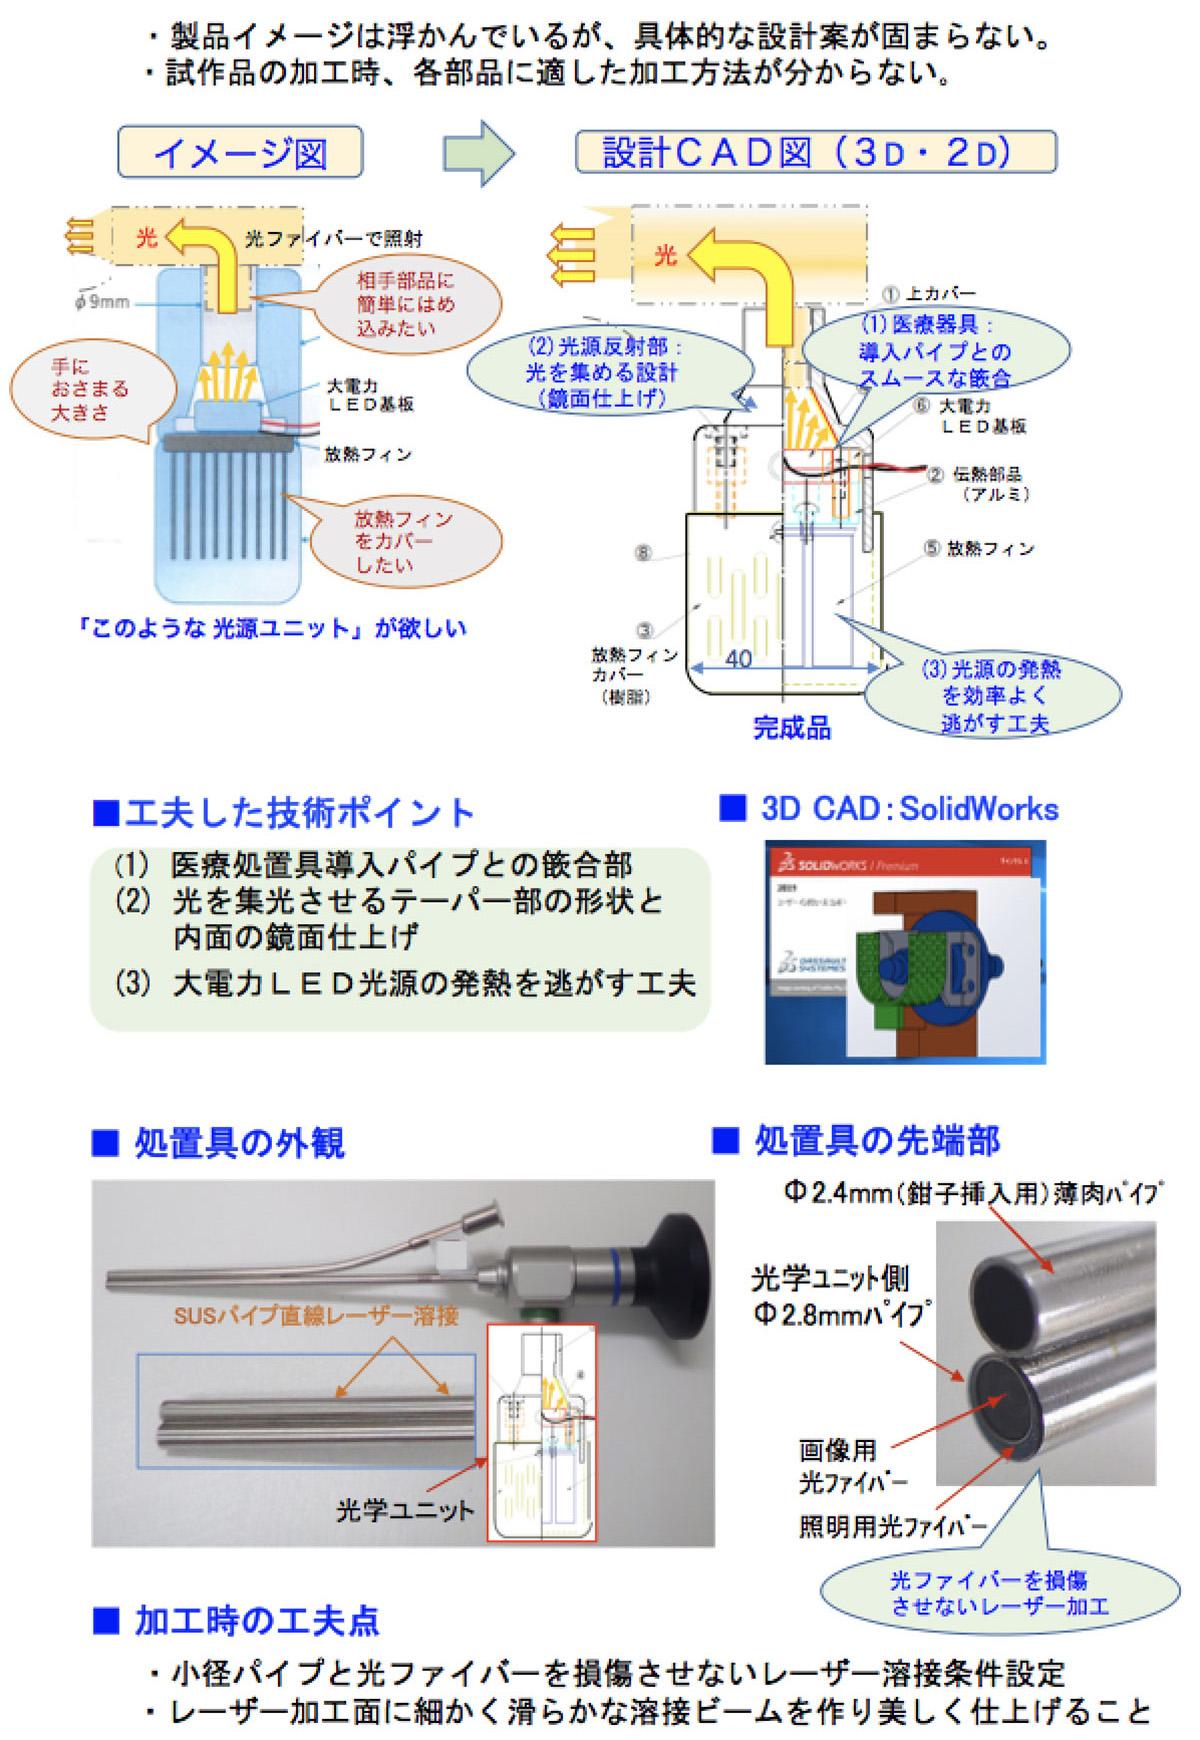 医療用処置具の光源ユニット